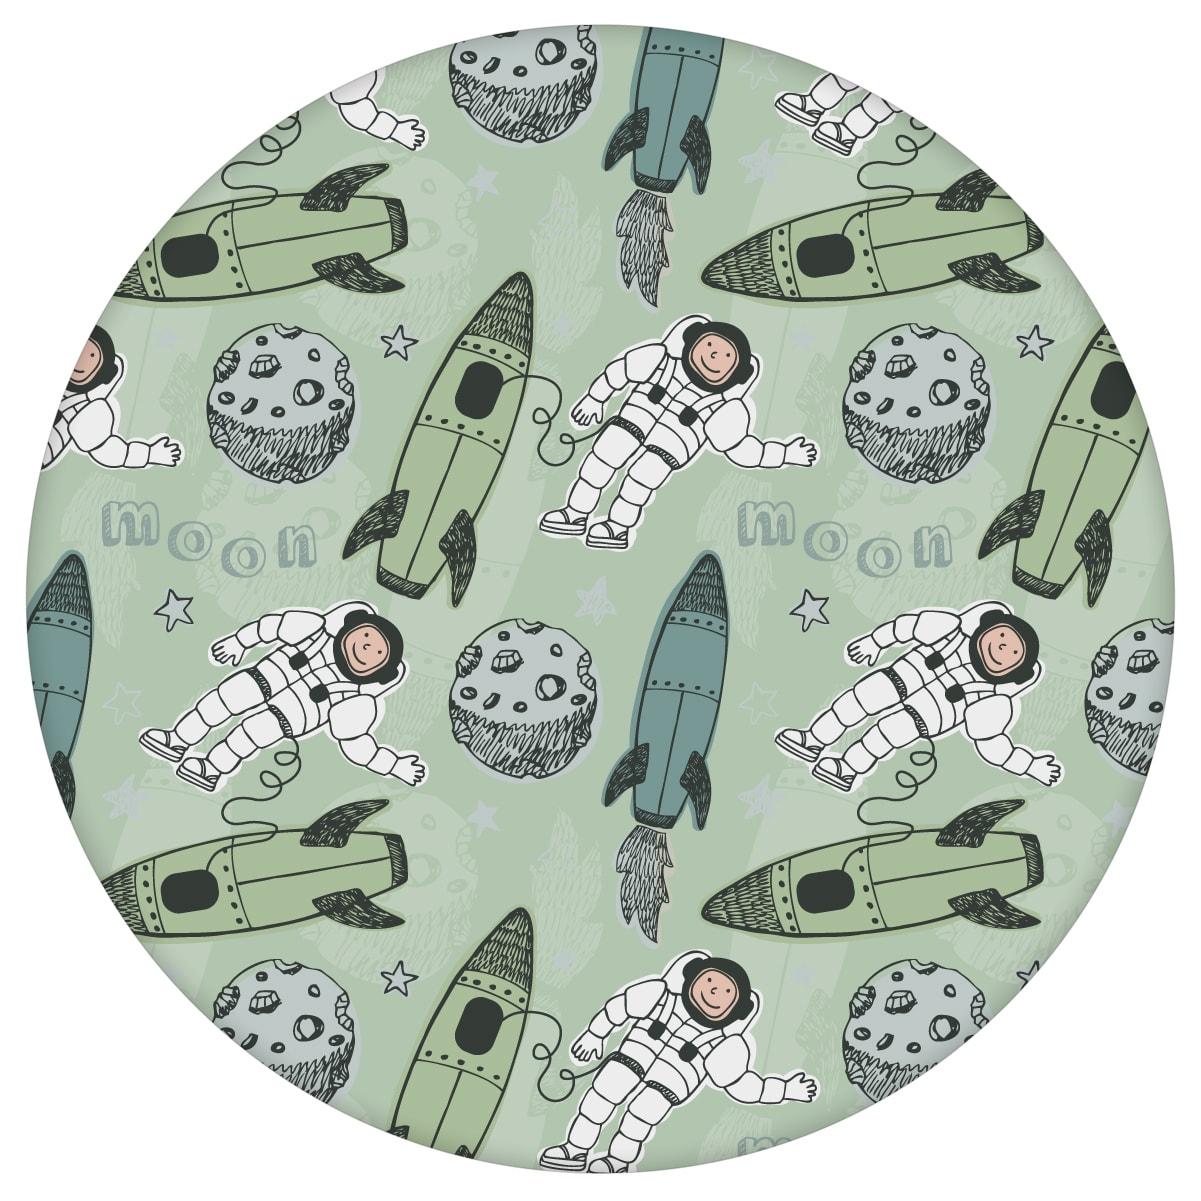 """Grüne Weltraum Kinderzimmer Tapete """"Rocket Moon"""", Vlies Kindertapete für Spielzimmer aus den Tapeten Neuheiten Exklusive Tapete für schönes Wohnen als Naturaltouch Luxus Vliestapete oder Basic Vliestapete"""